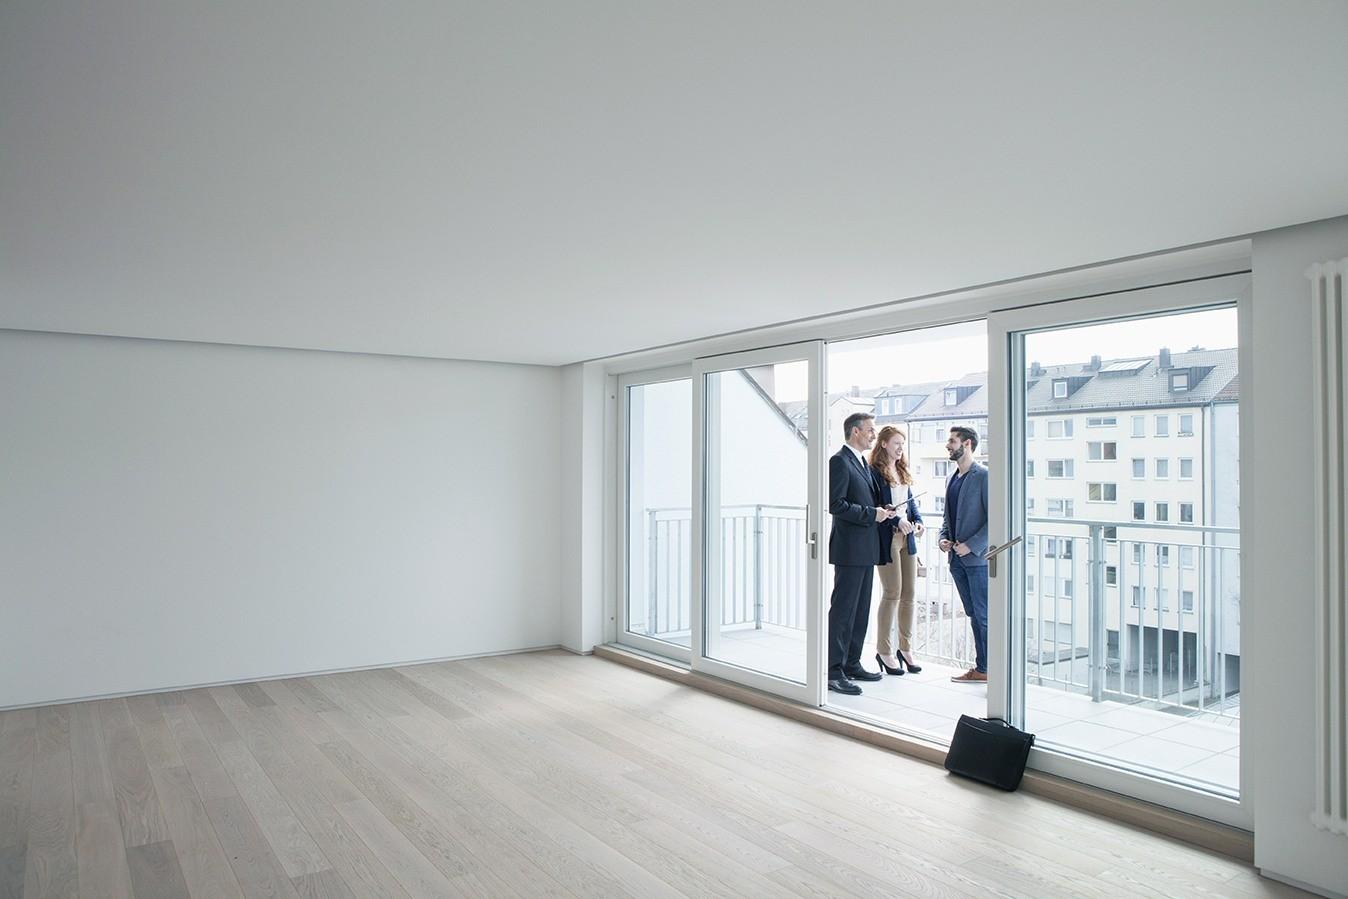 Как производится покупка квартиры в новостройке